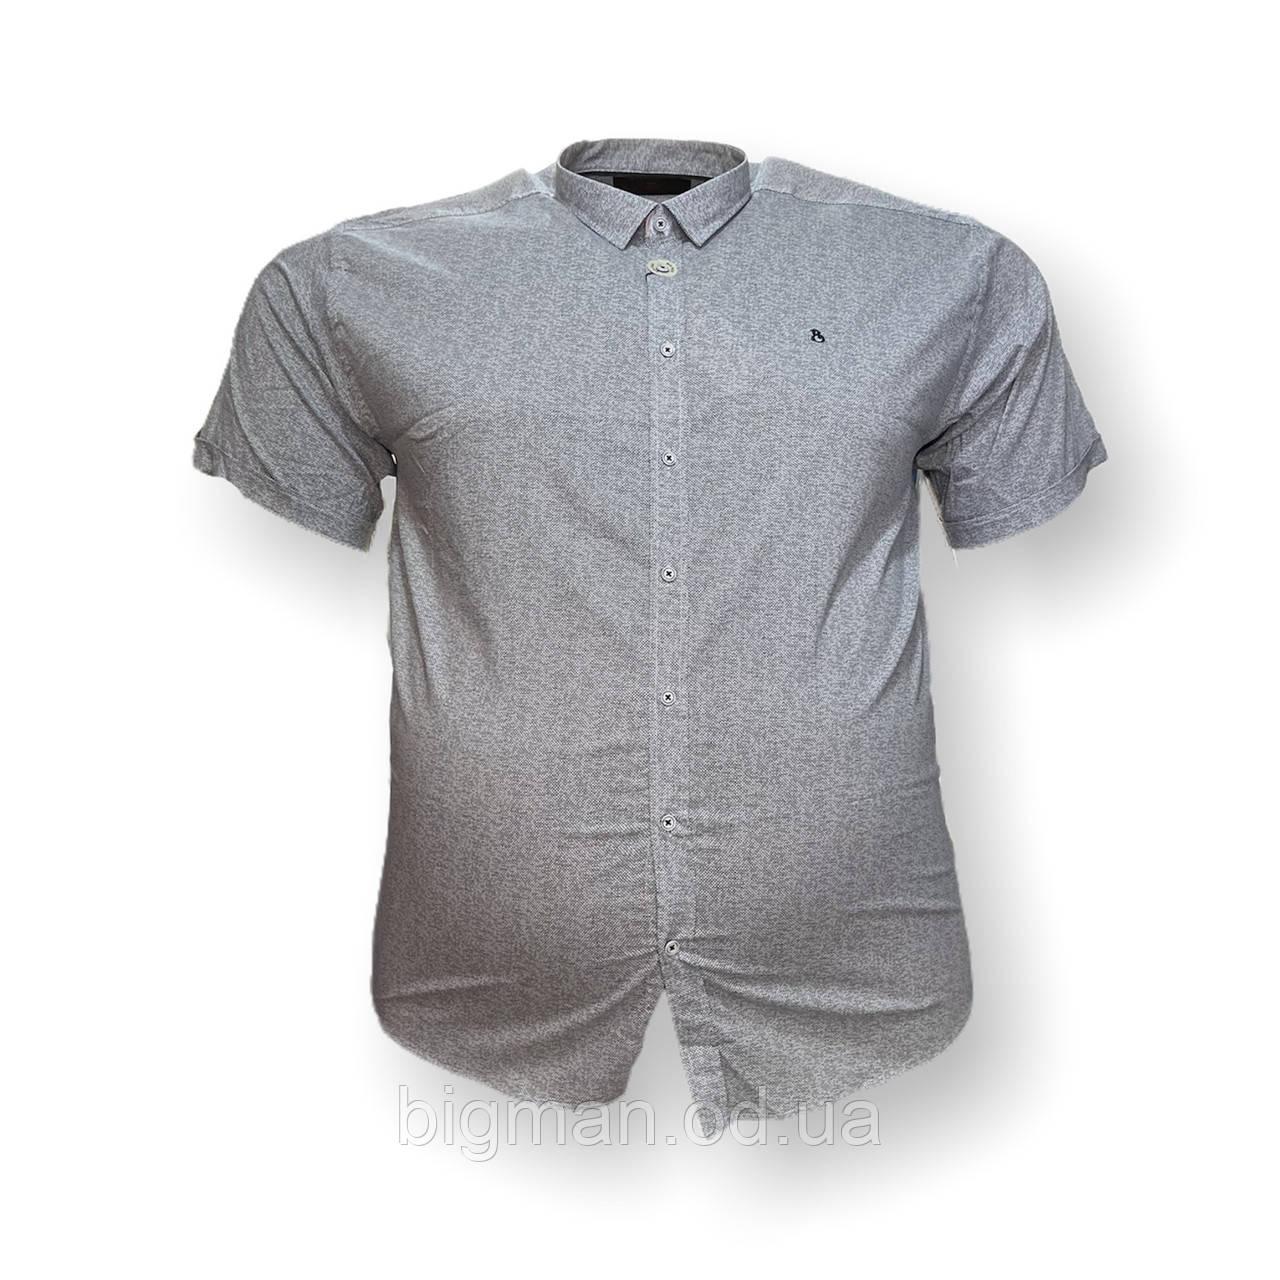 Чоловіча сорочка з коротким рукавом Barcotti 16083 2XL 3XL 4XL 5XL 6XL блакитна великі розміри батал Туреччина